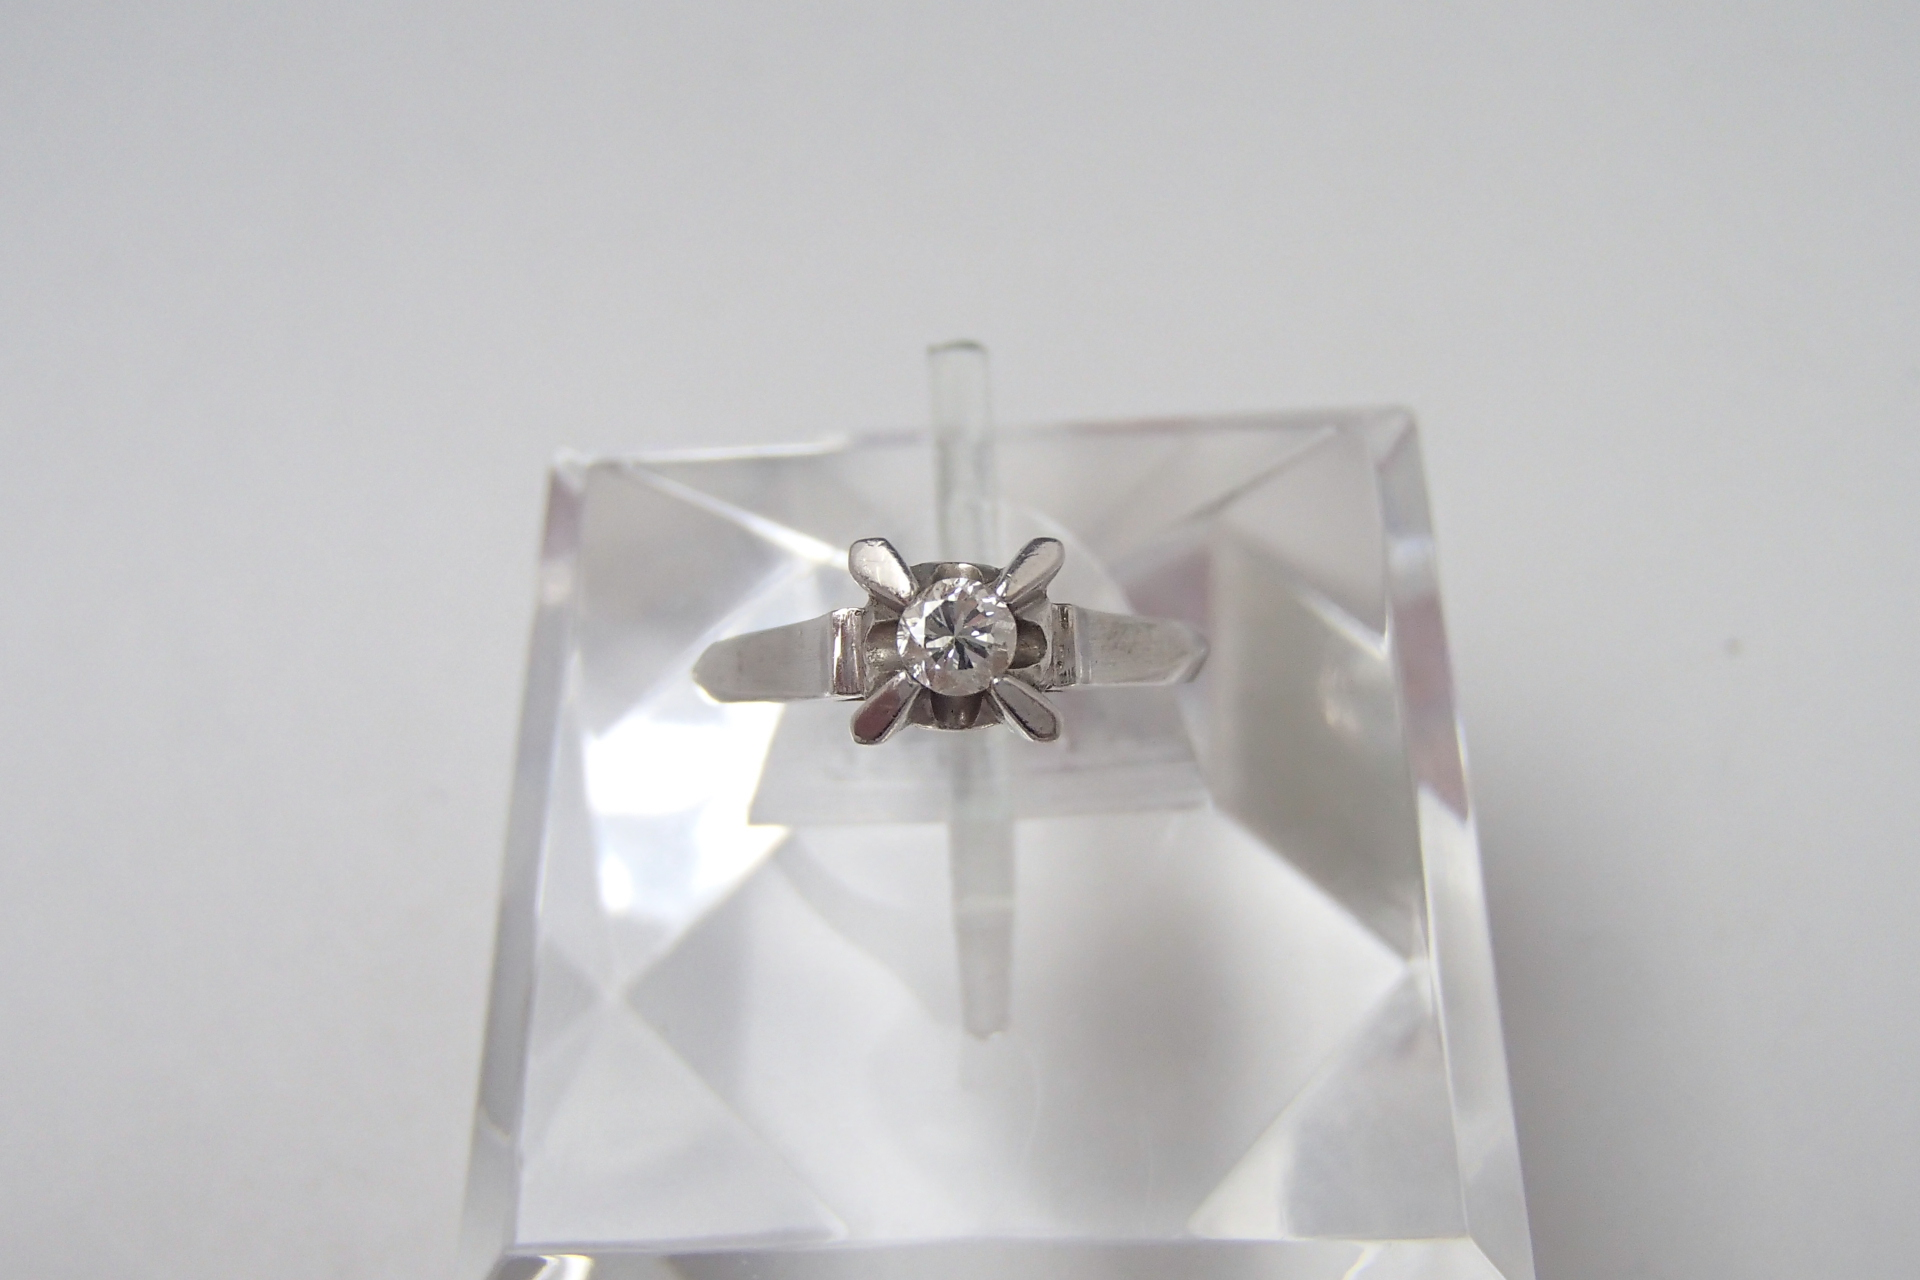 ダイヤモンドの相場変動とは?ダイヤモンド購入に影響はある?